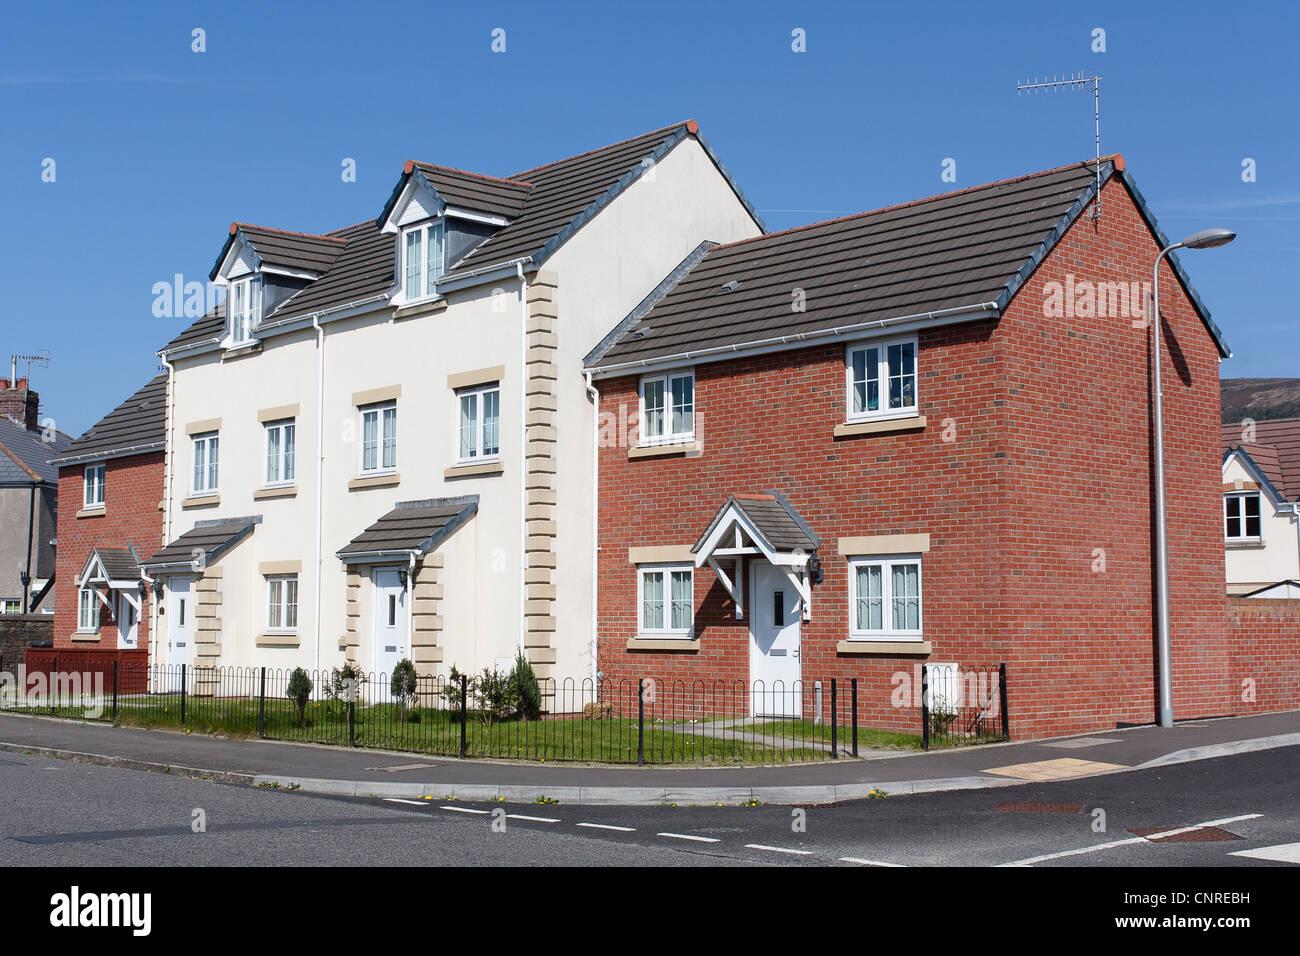 Développement du logement moderne au xxie siècle brique et rendu le logement quatre maisons